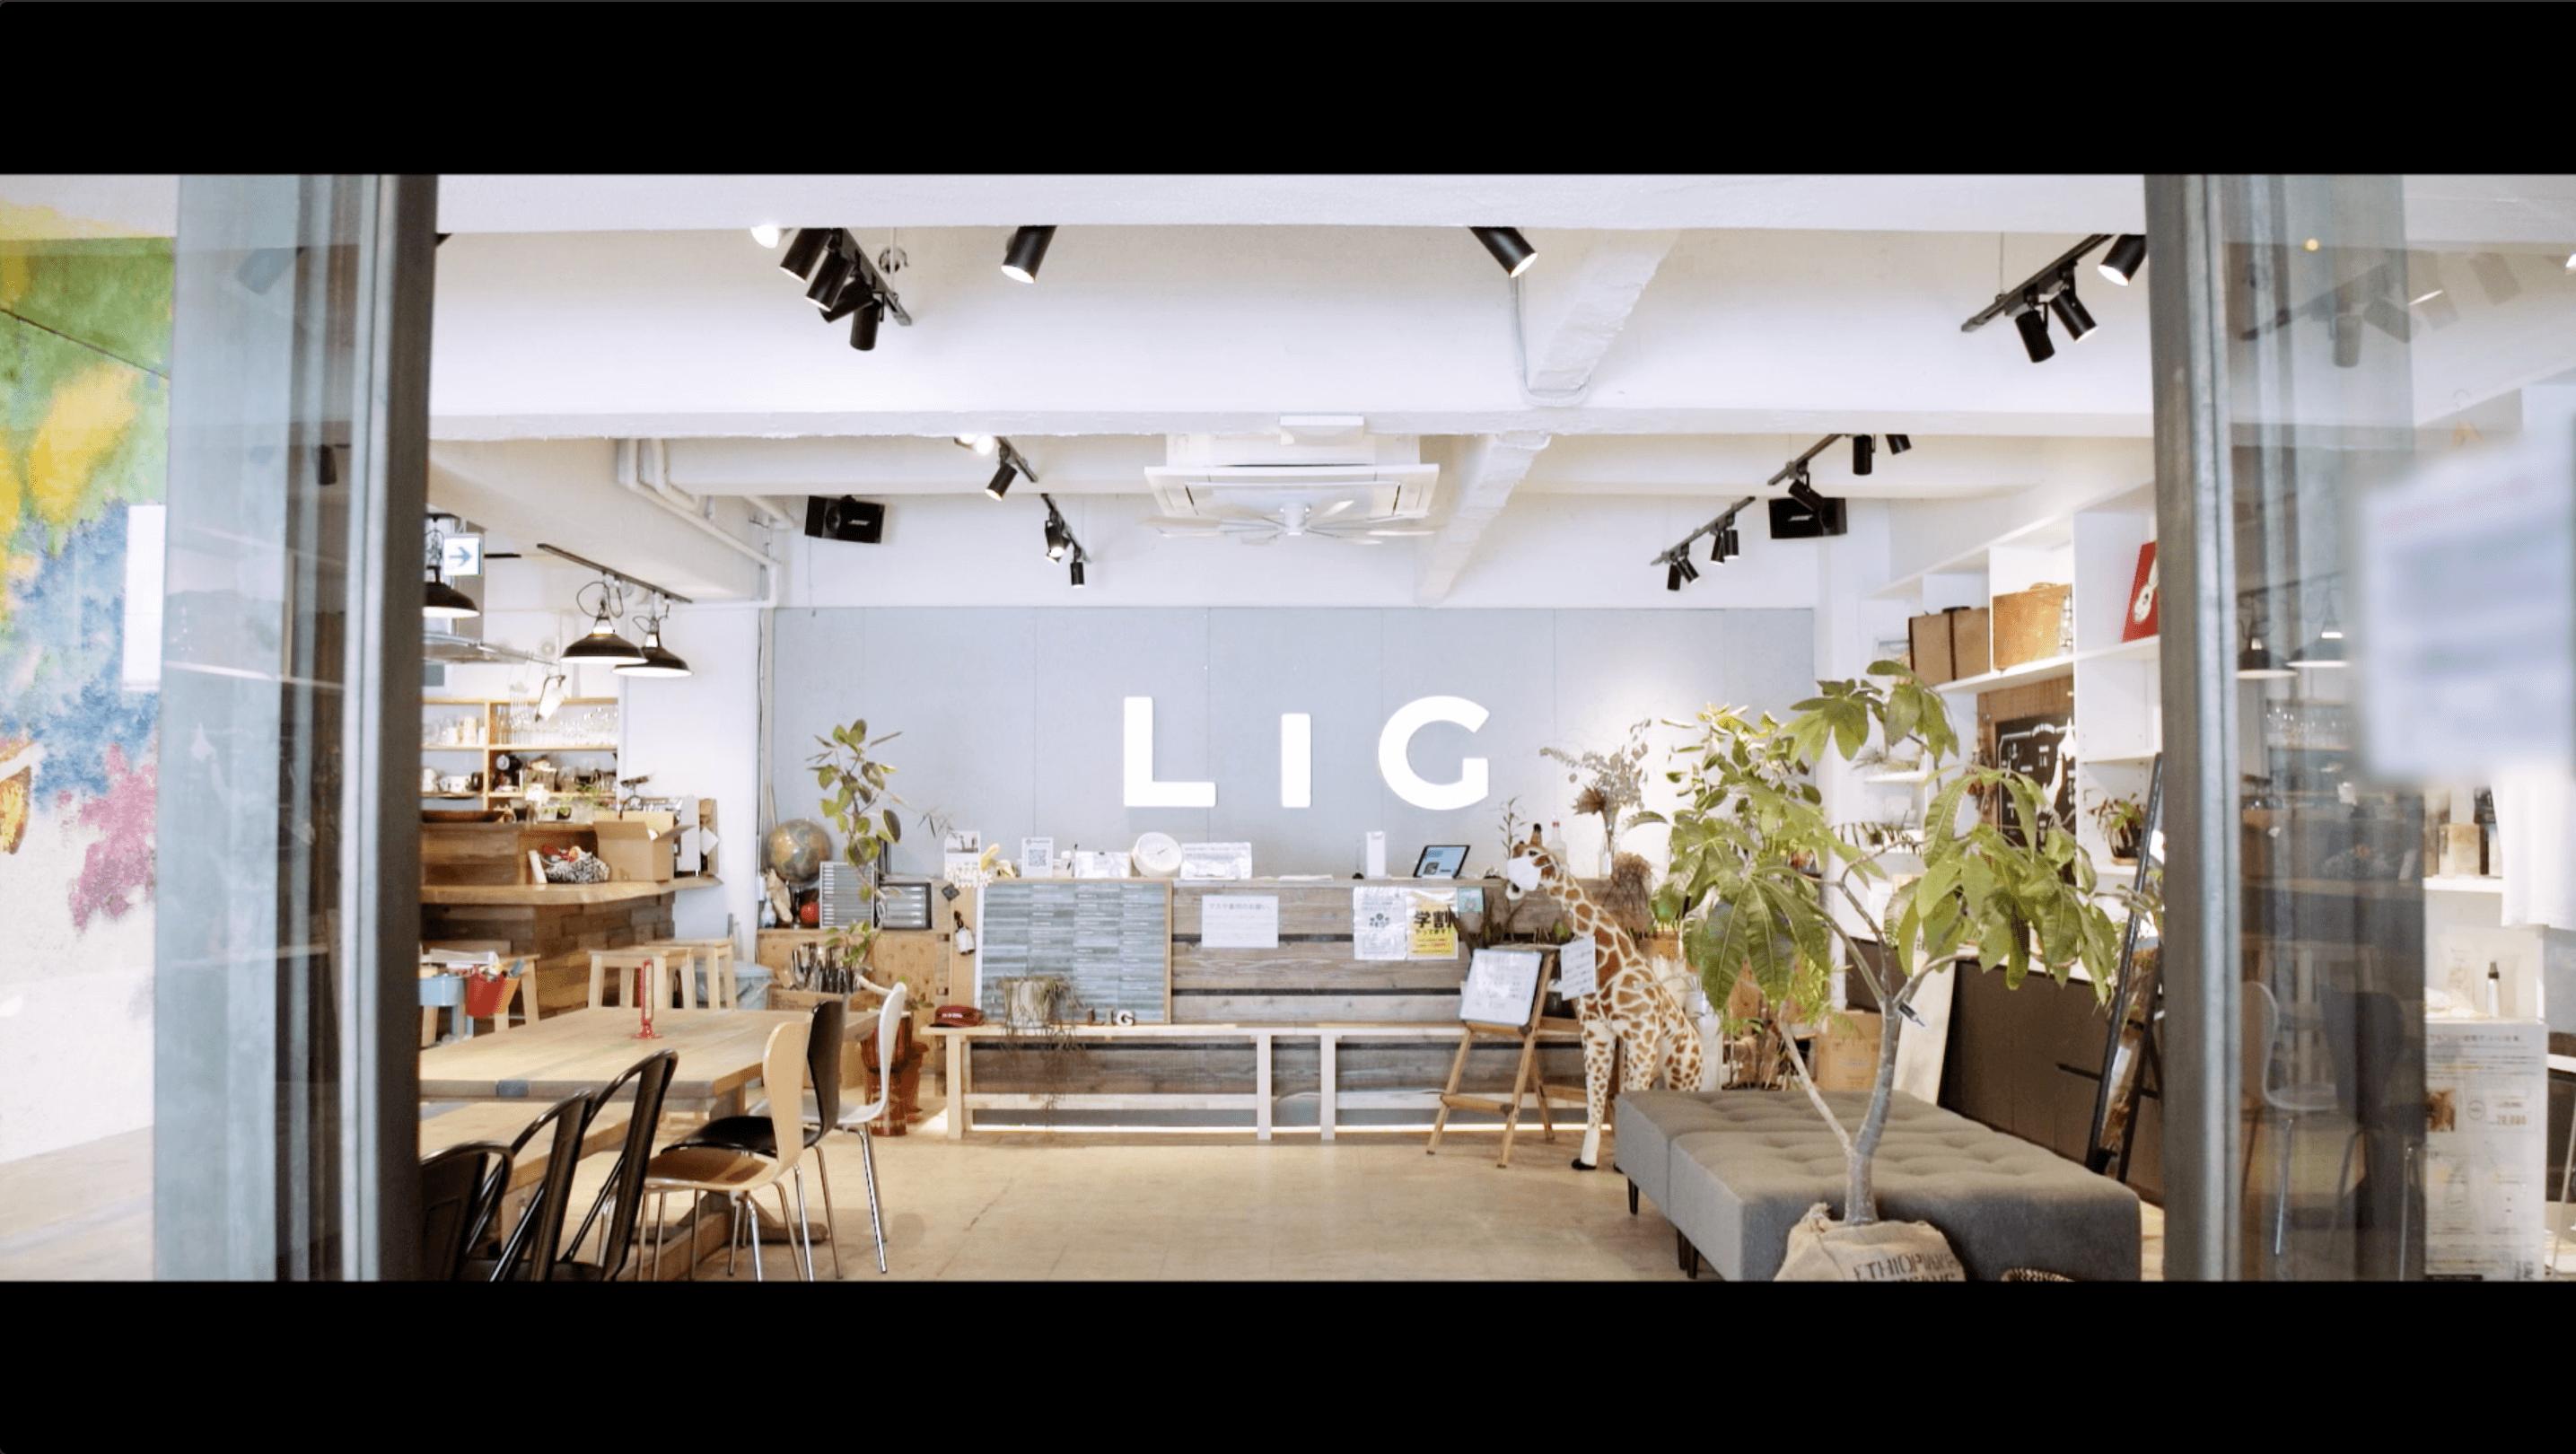 [弊社制作事例]LIG様採用インタビュー